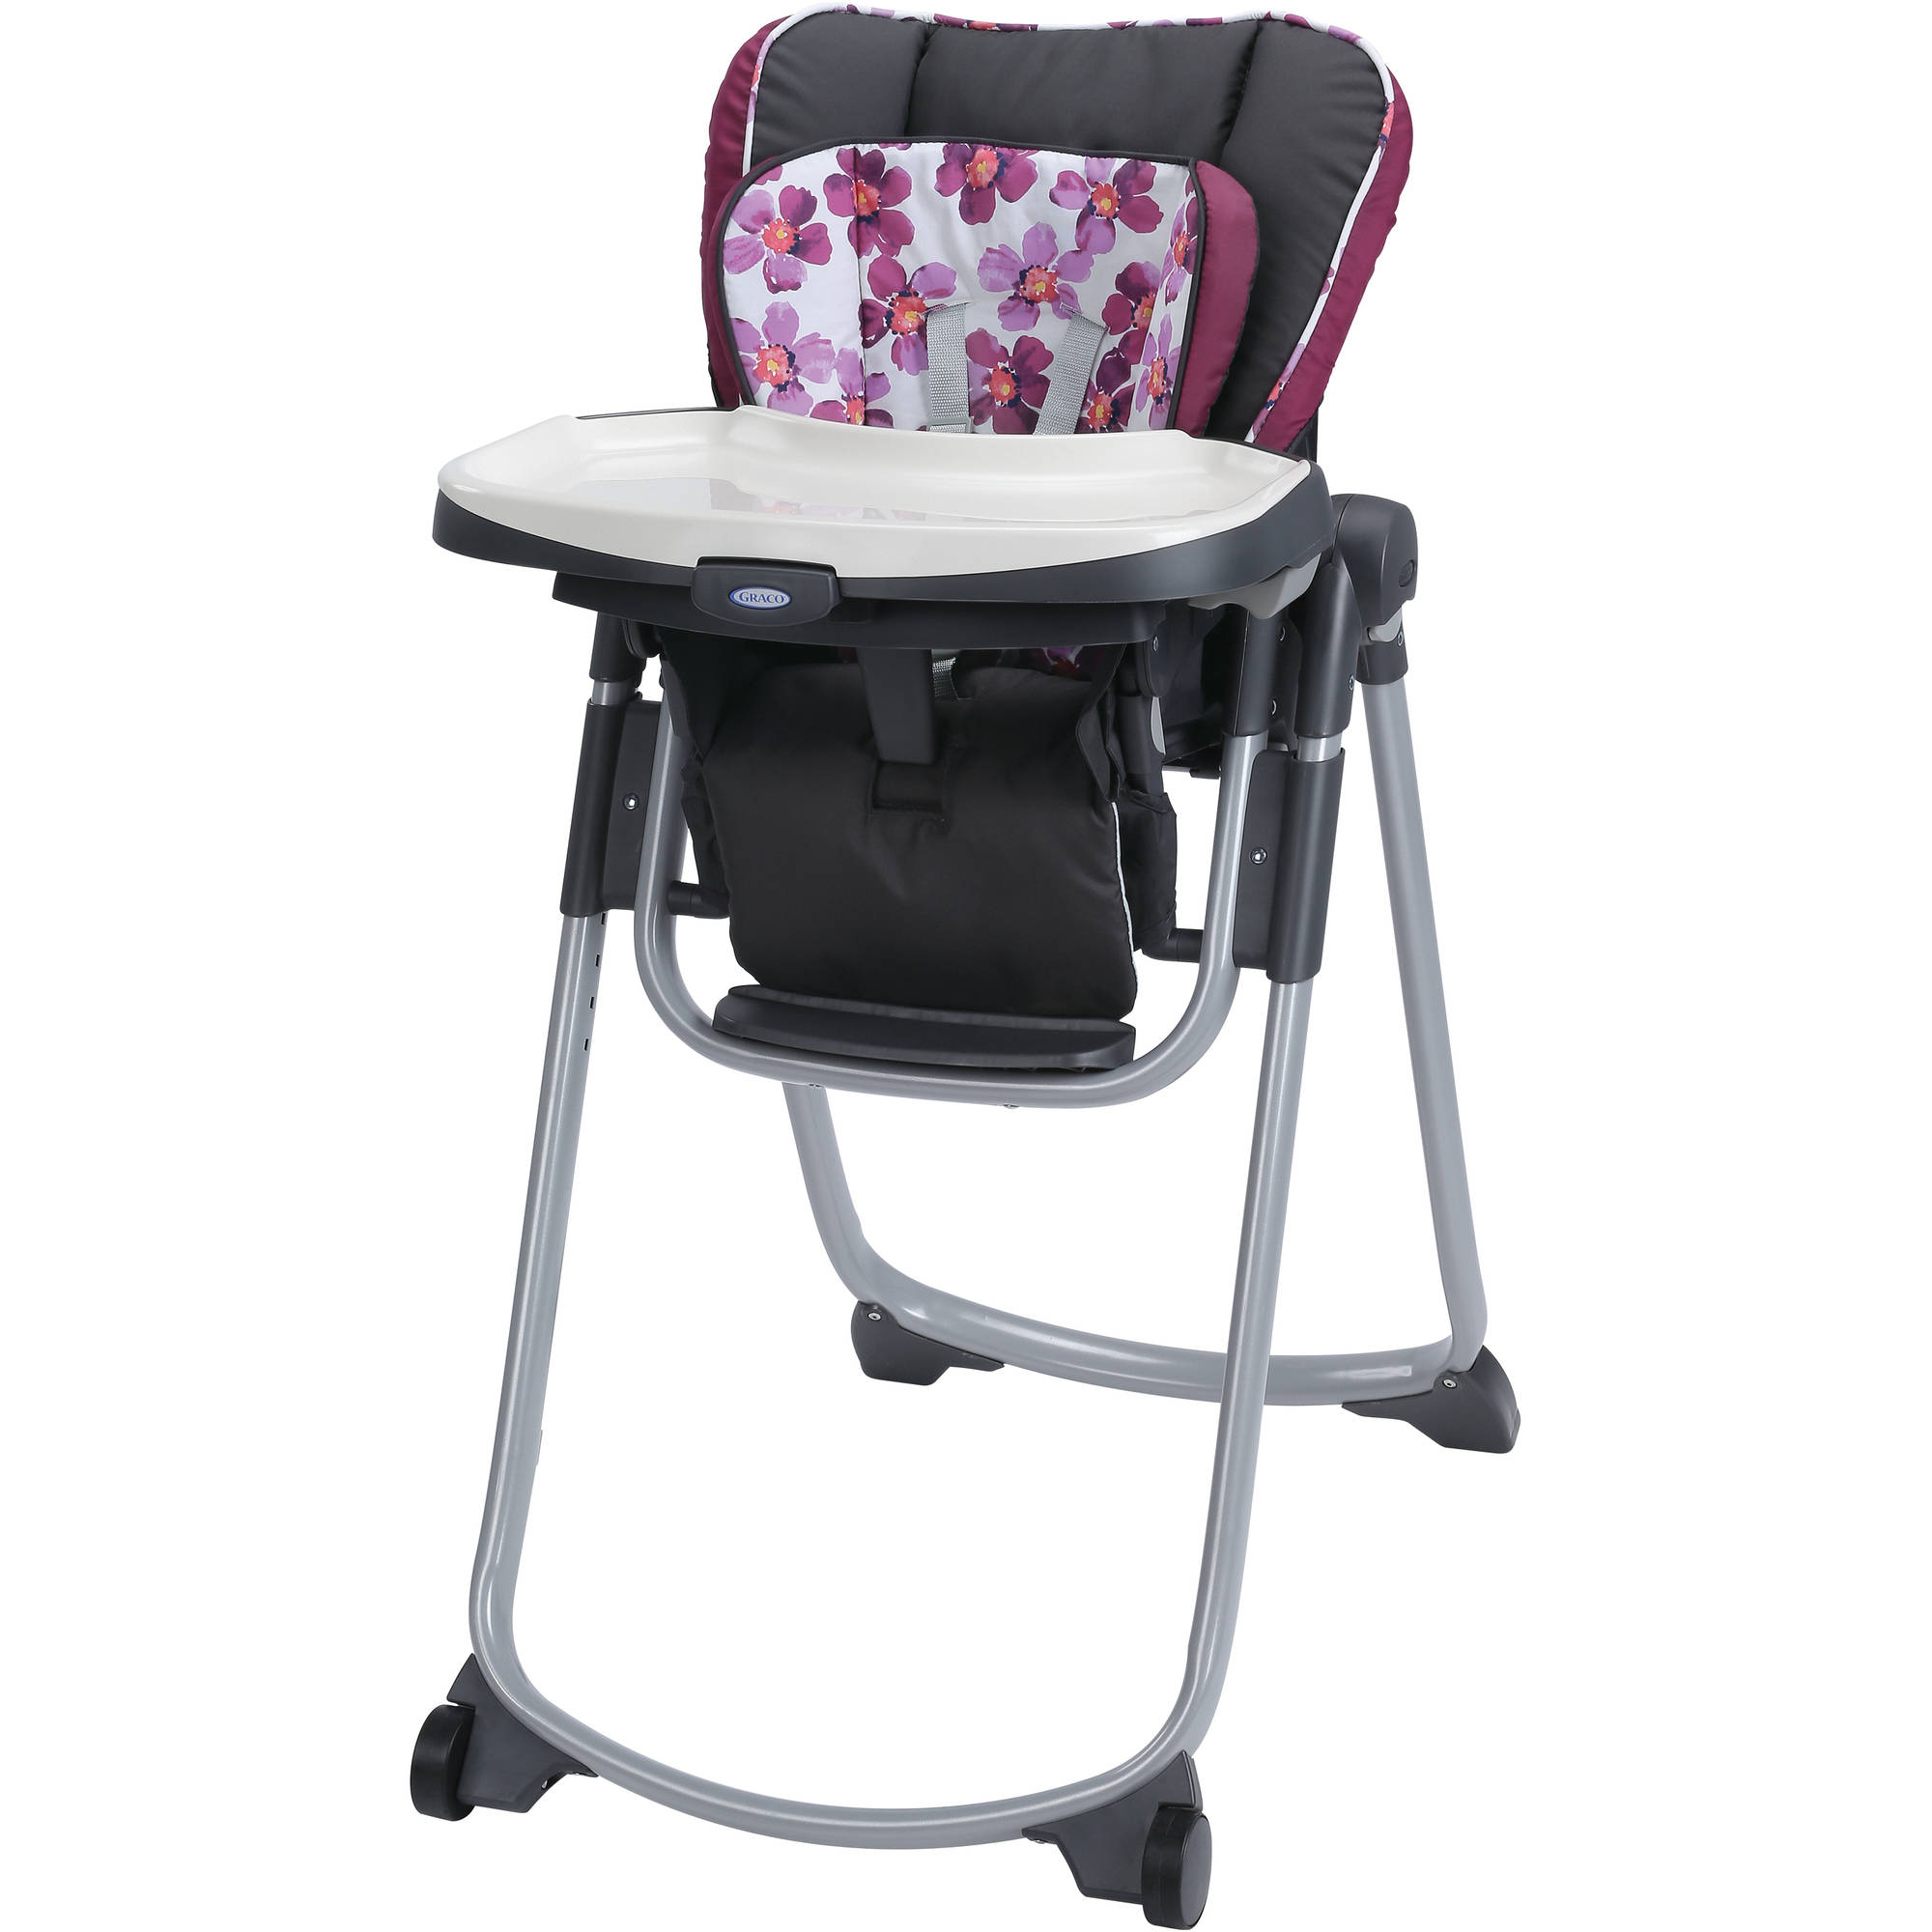 Graco Slim Spaces High Chair, Caris